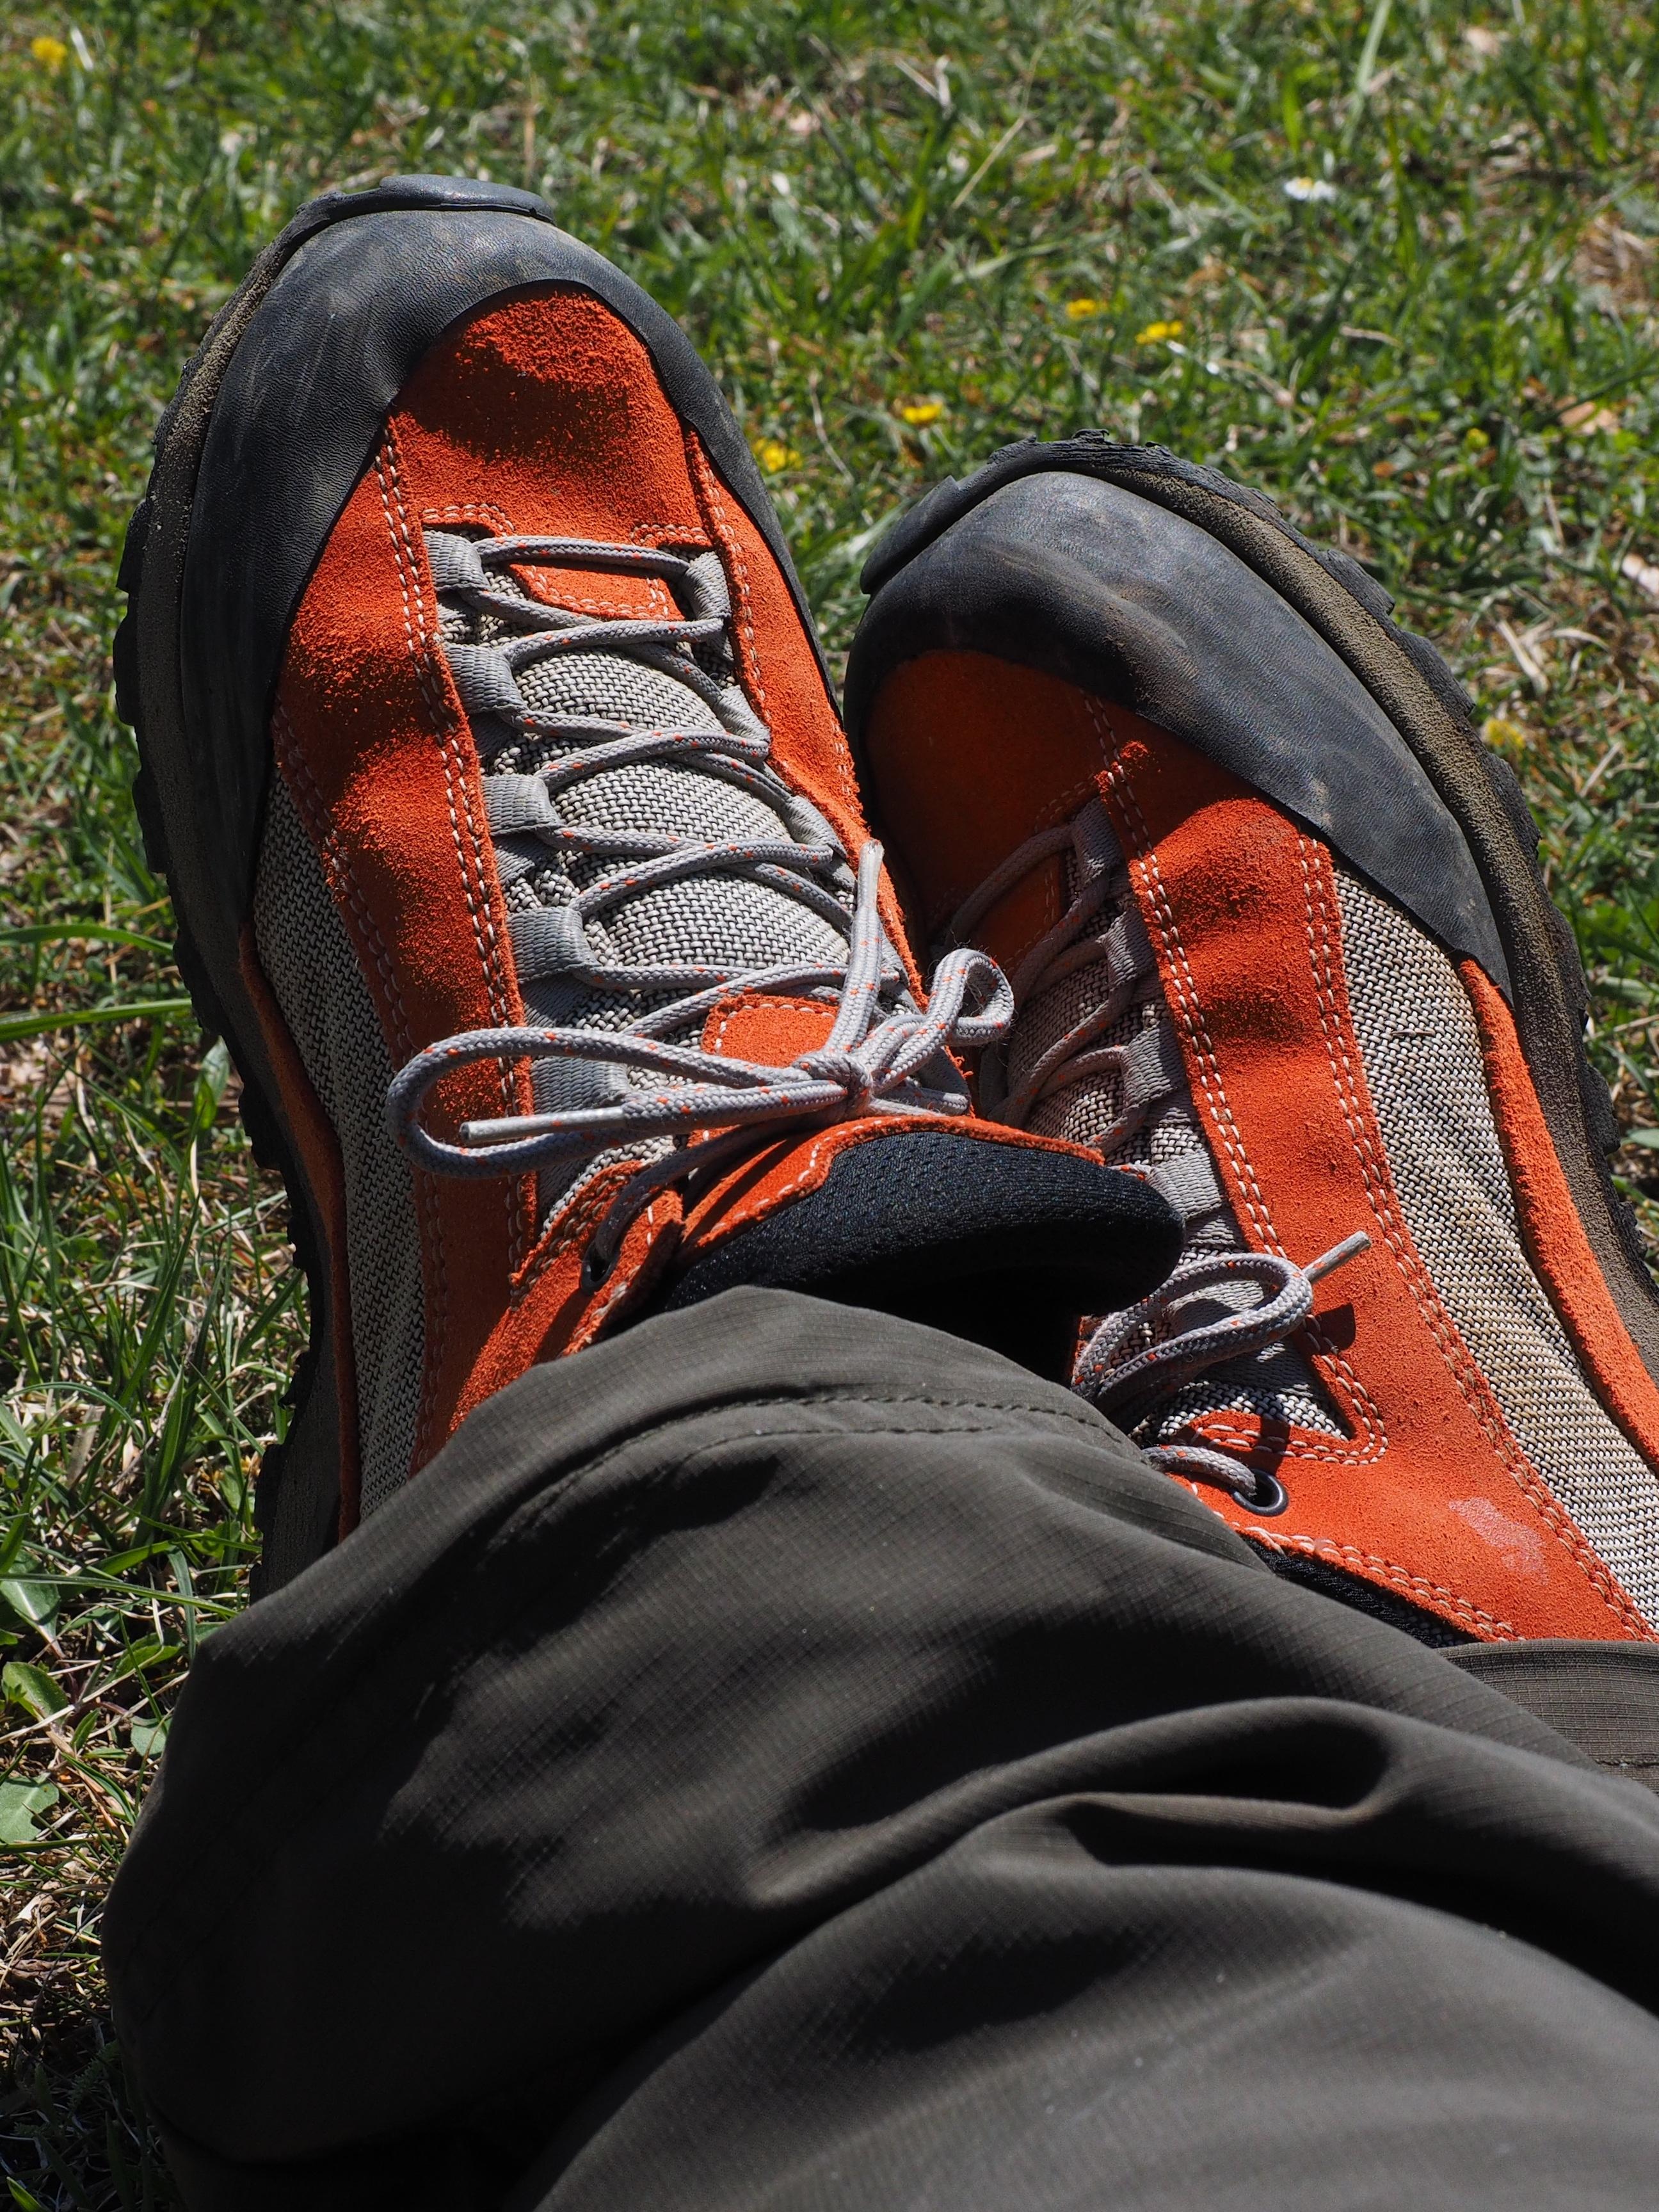 premium selection 4d8ea 38390 Images Gratuites   de plein air, chaussure, cuir, aventure, Orange, rouge,  du repos, loisir, asseoir, chaussures de randonnée, baskets, Lacets, Pause,  ...